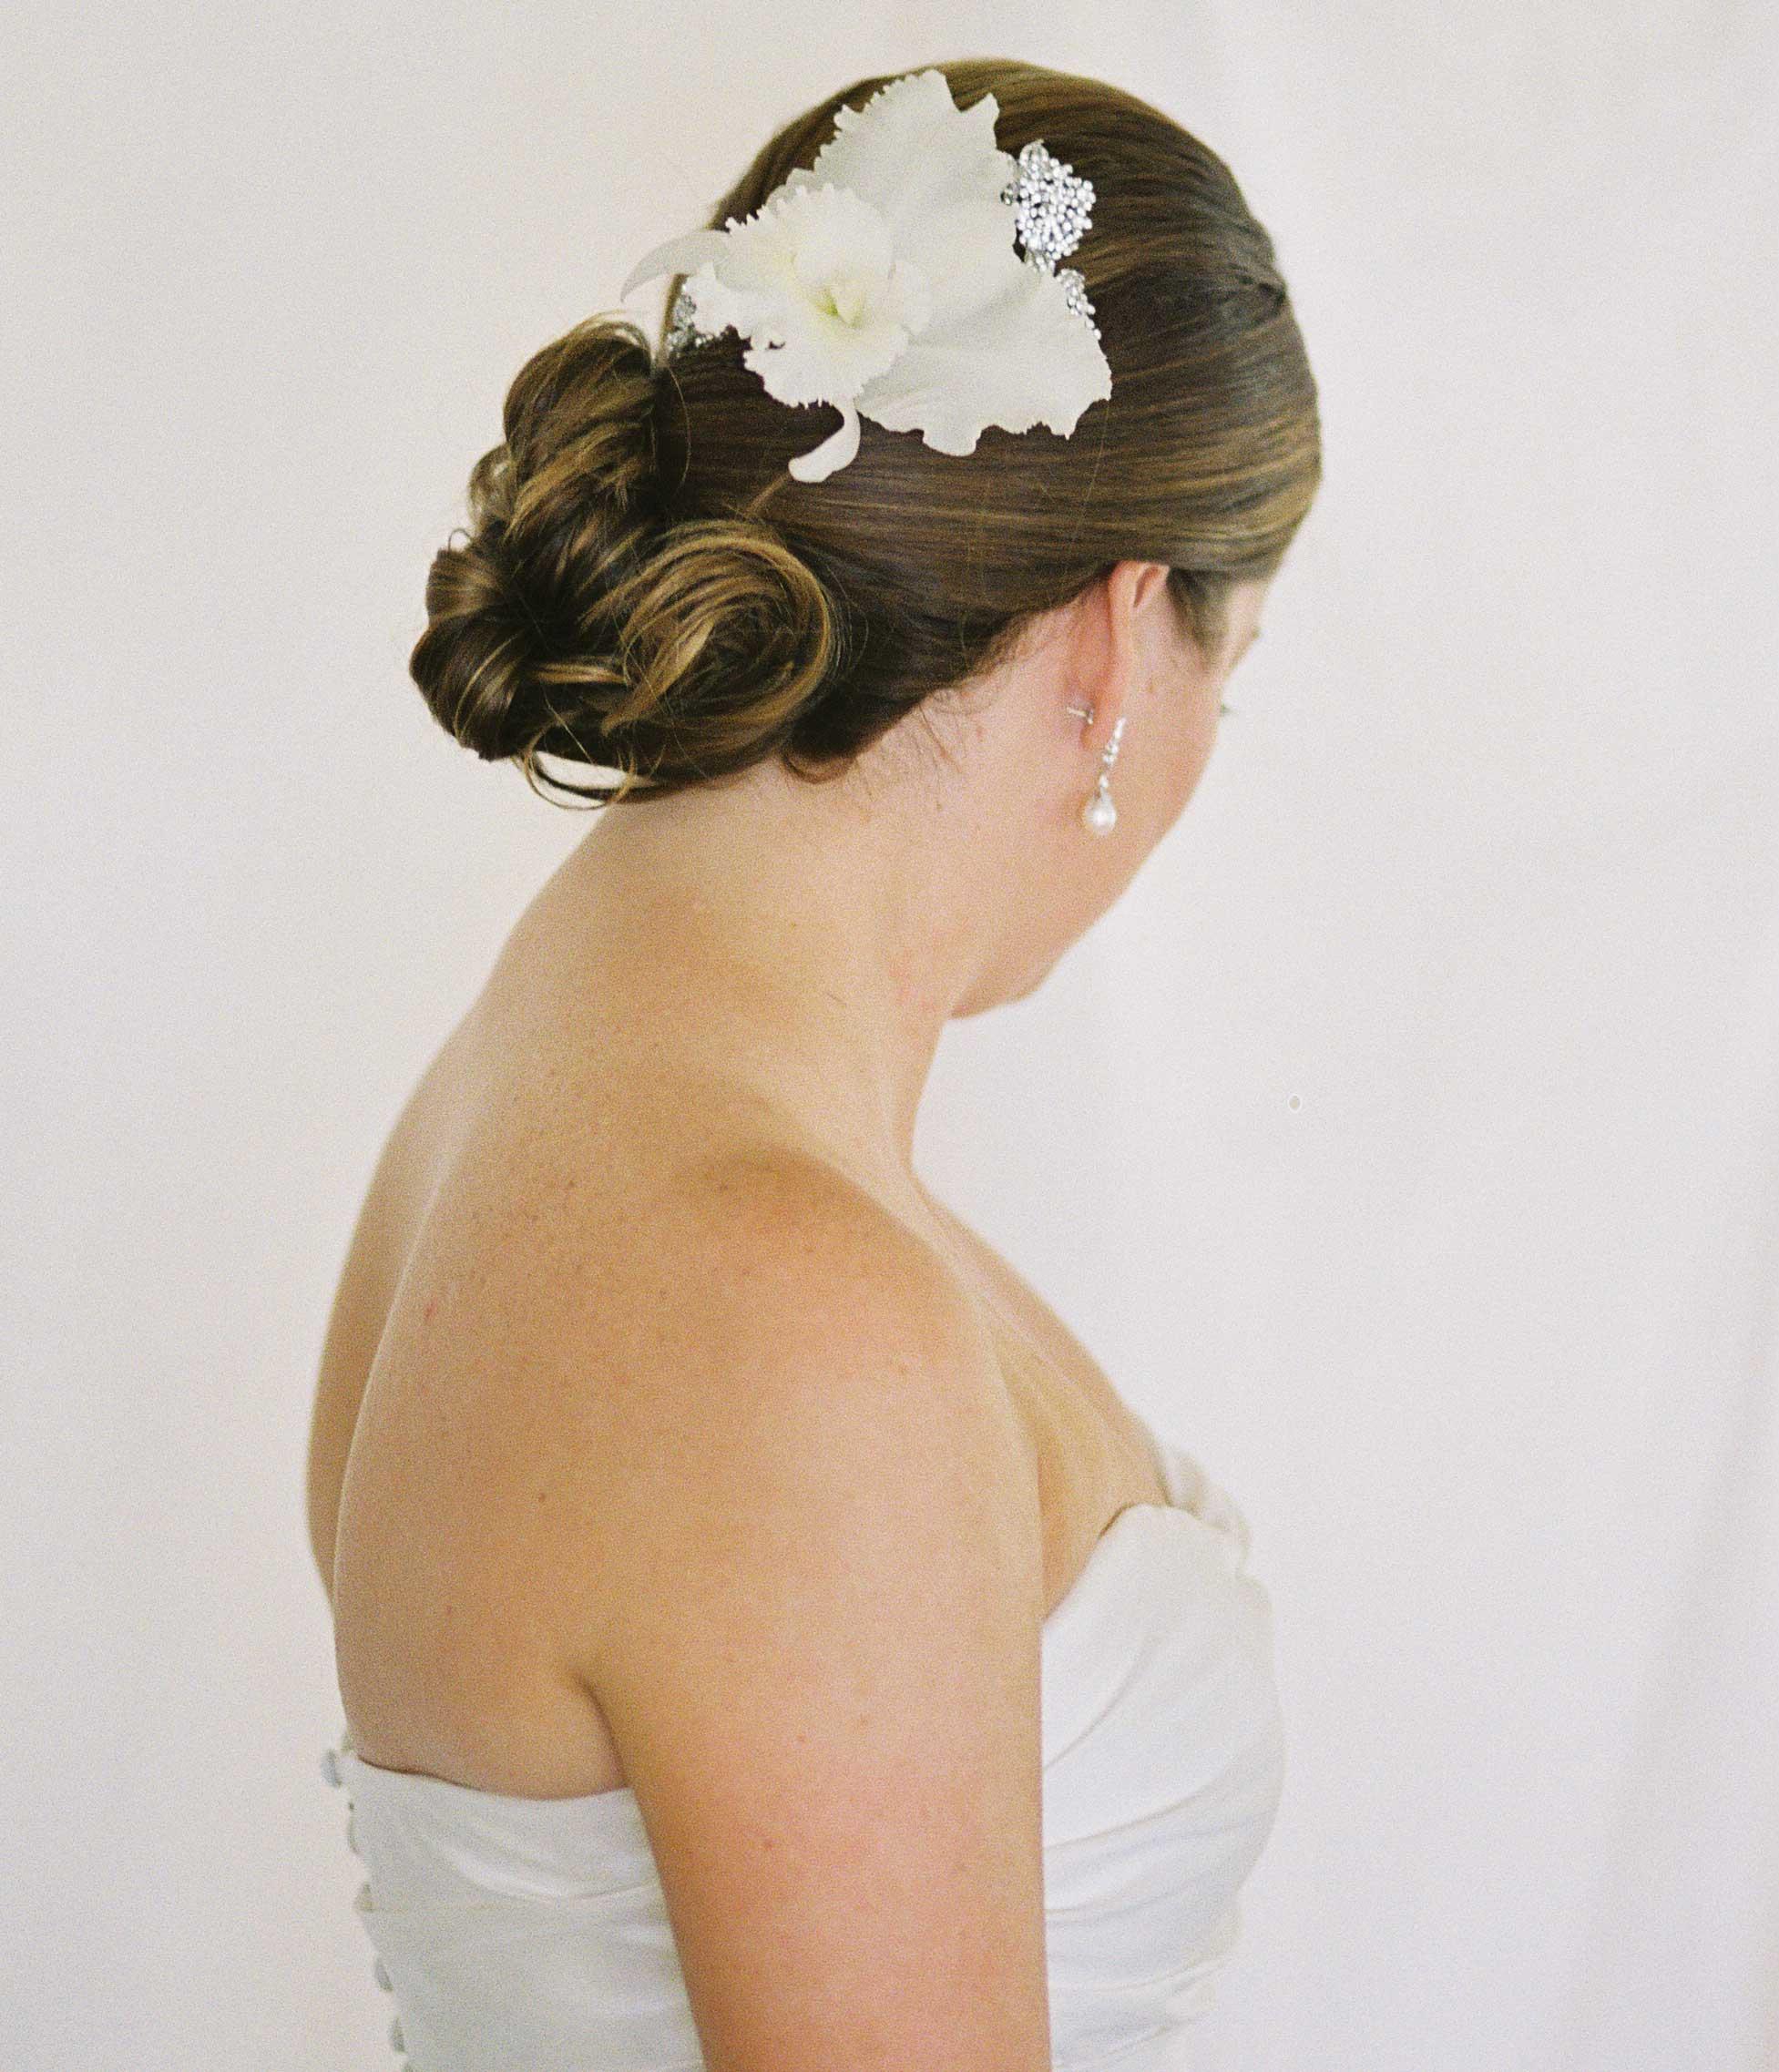 Destination wedding fresh flower hair accessory